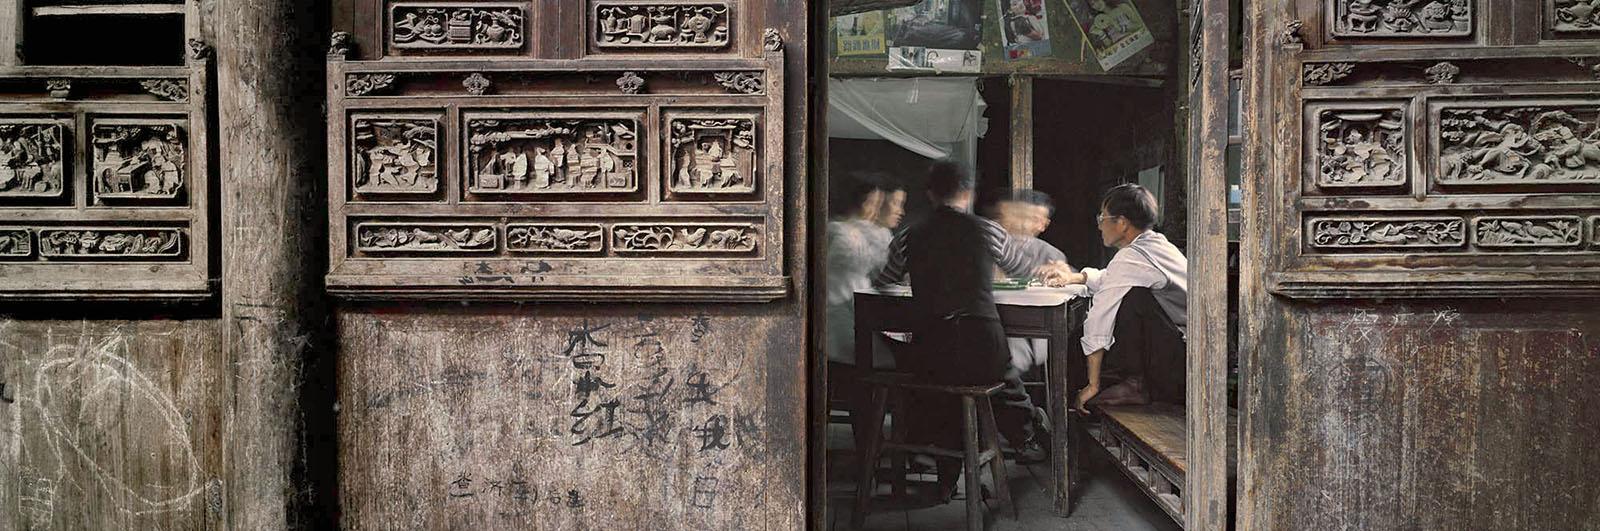 Zeng Nian, Village de Zhaji, jeu de mahjong, au premier plan: sculptures sur portes endommagées pendant la révolution culturelle, province de l'Anhui Chine. 2000. Tirage jet d'encre sur papier INNOVA Exhibition Photo Baryta 310 gsm, 128.6X42.5cm /01/15